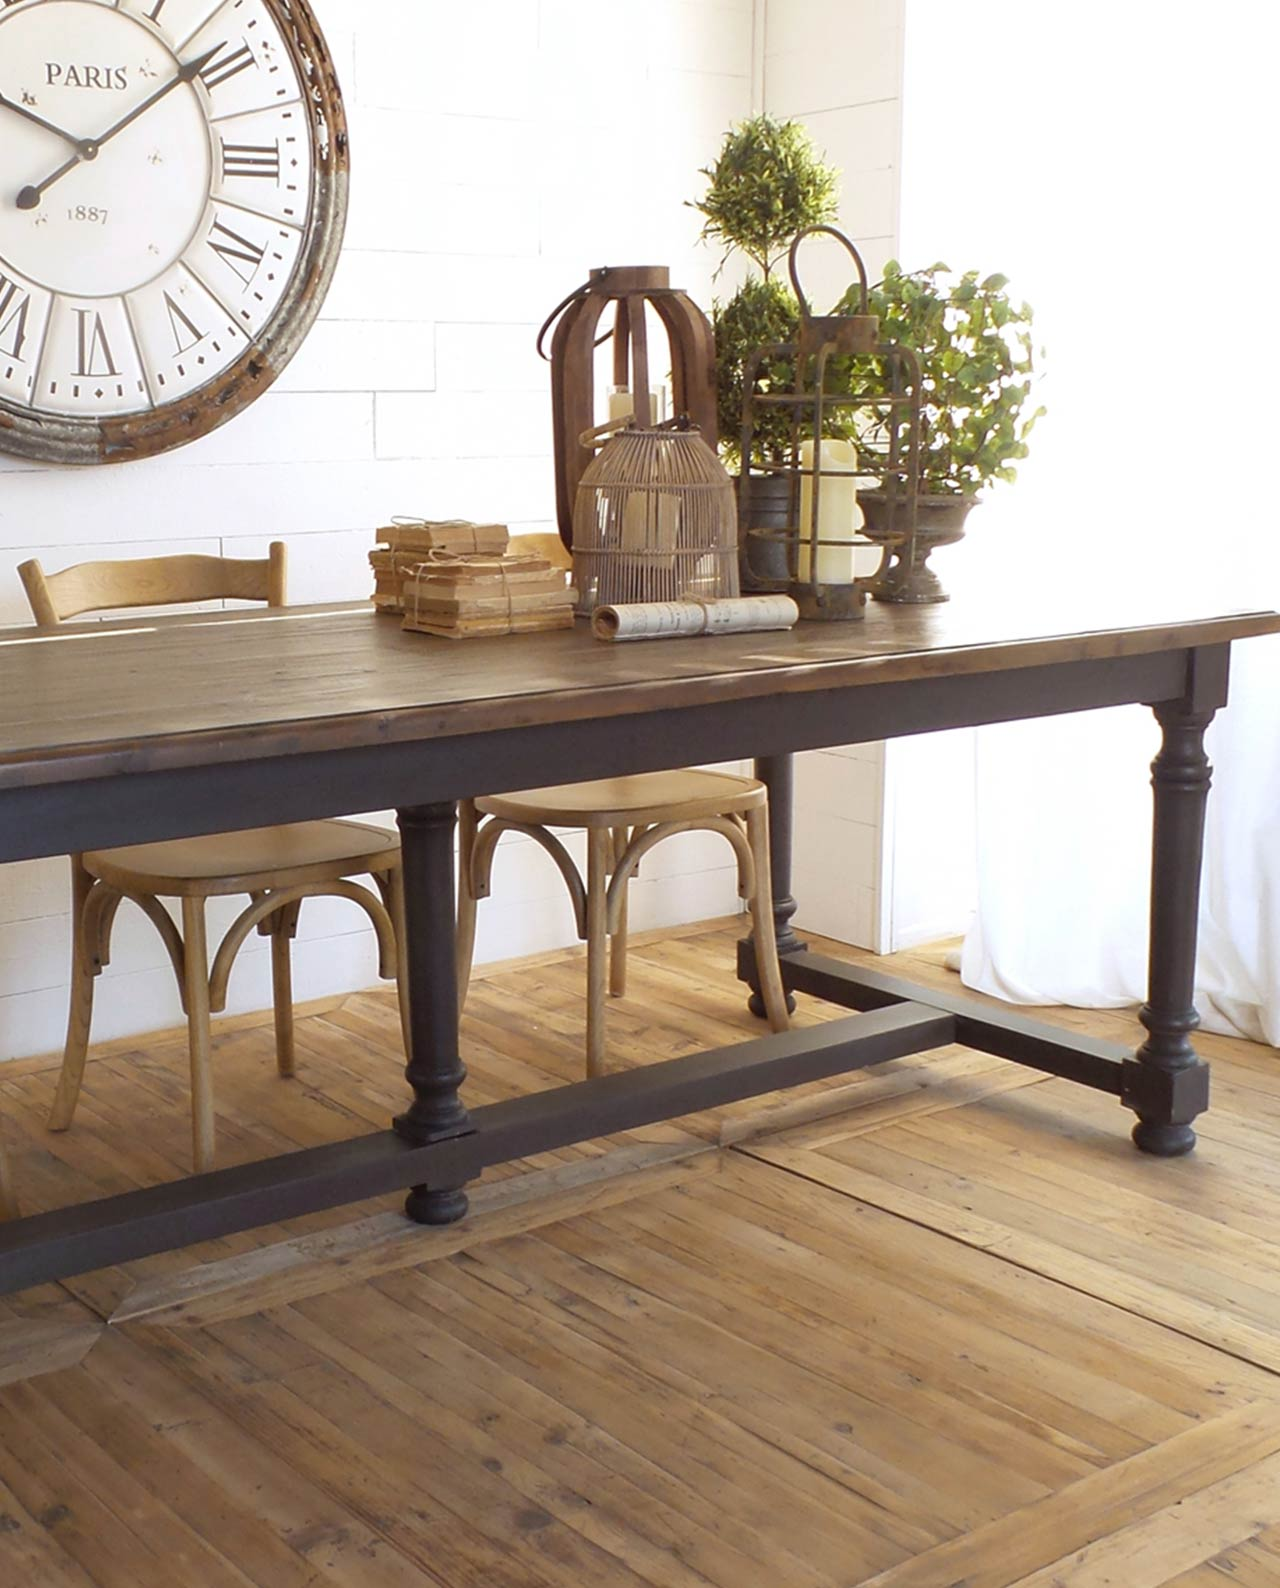 Tavolo da sala da pranzo in legno di pino mobilia store - Tavolo sala da pranzo ...